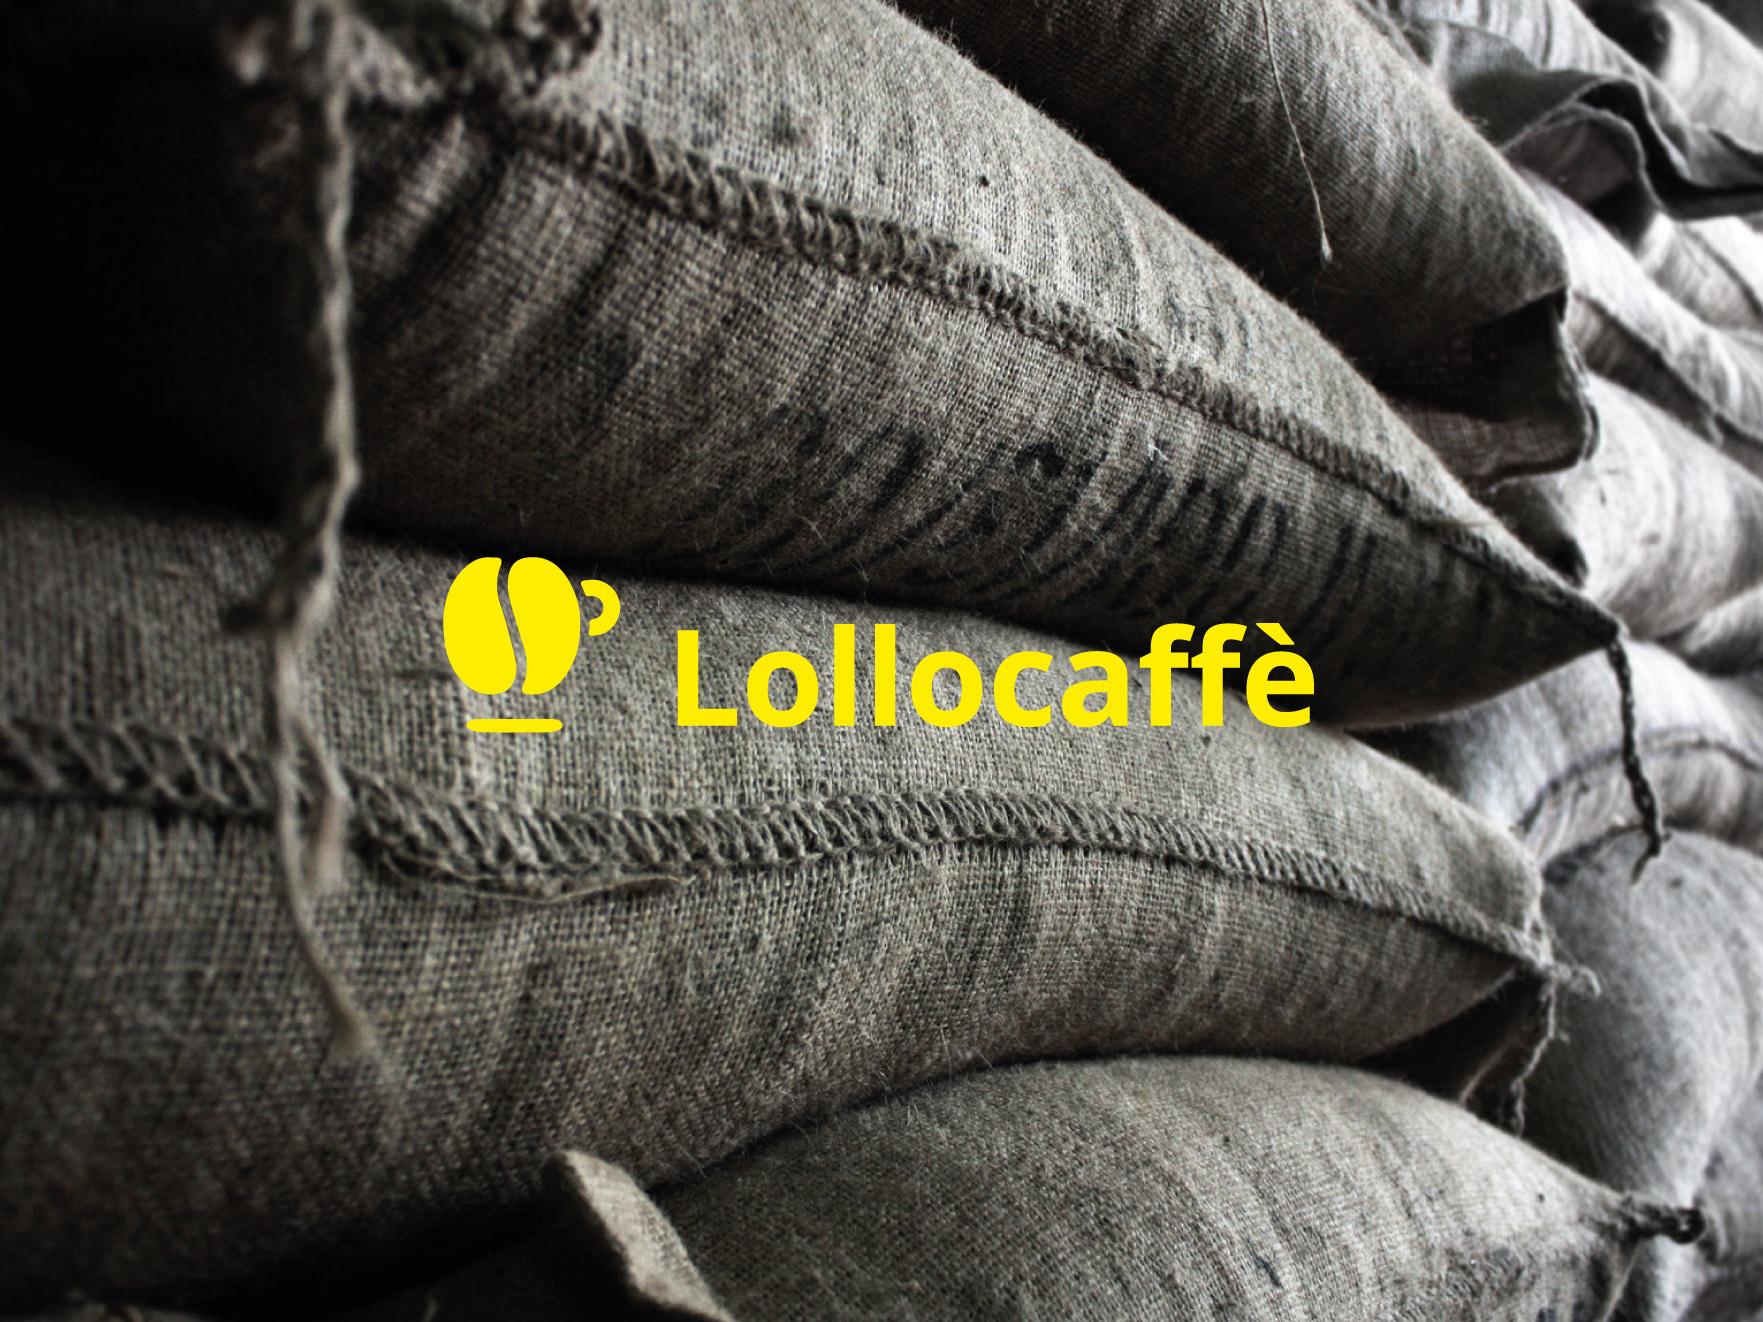 Lollocaffe Verkostung